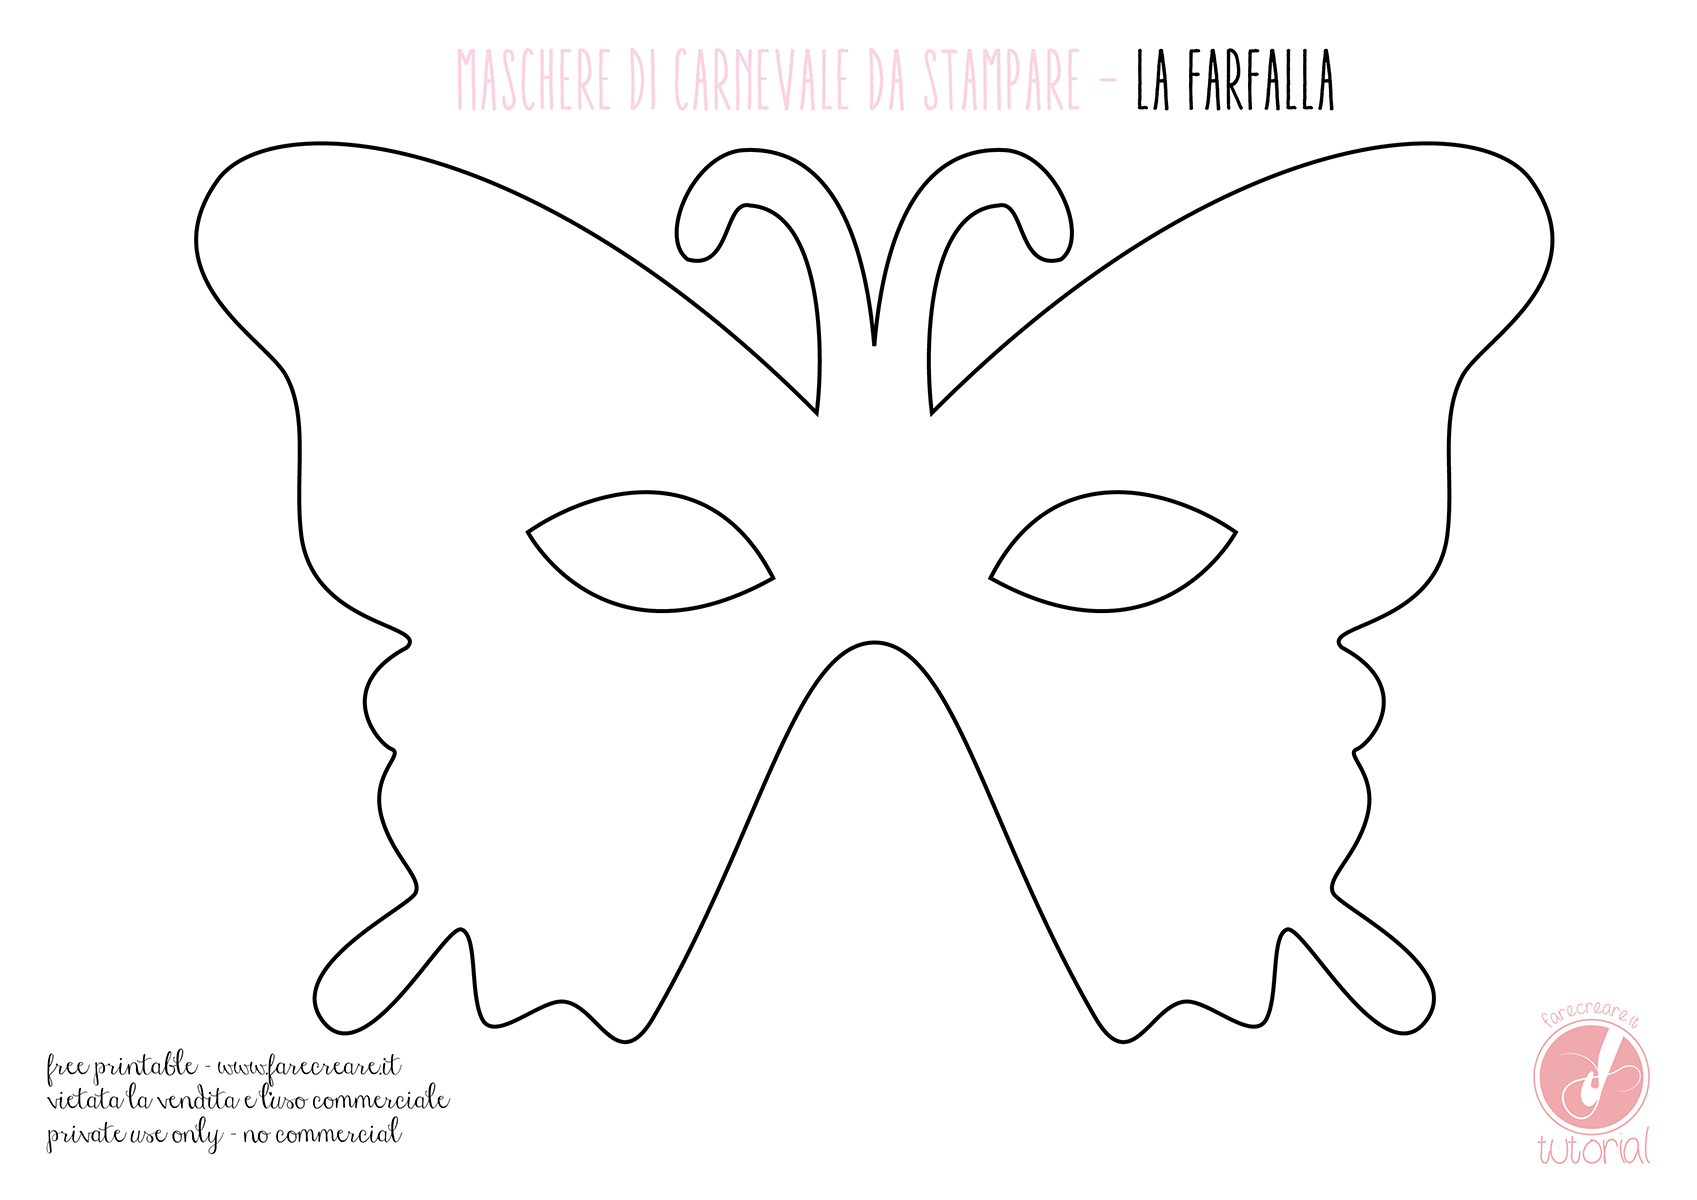 Maschere di carnevale semplici con carta e fantasia for Maschera di flash da colorare